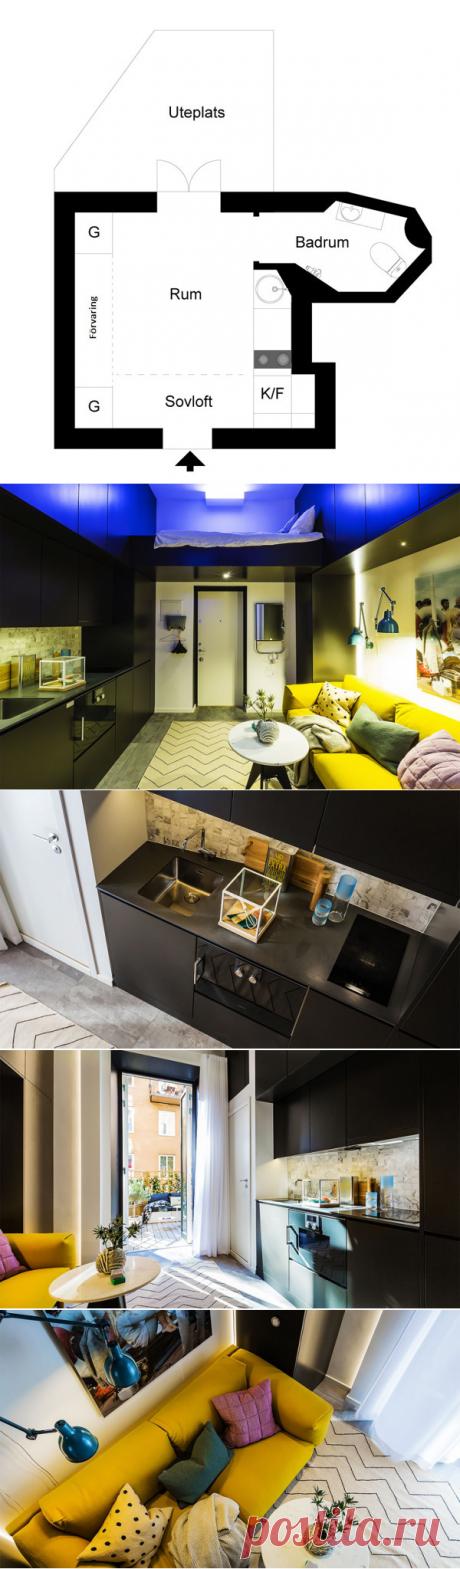 Нереально маленькая квартира в Швеции (16 кв. м) | Пример маленького жилья